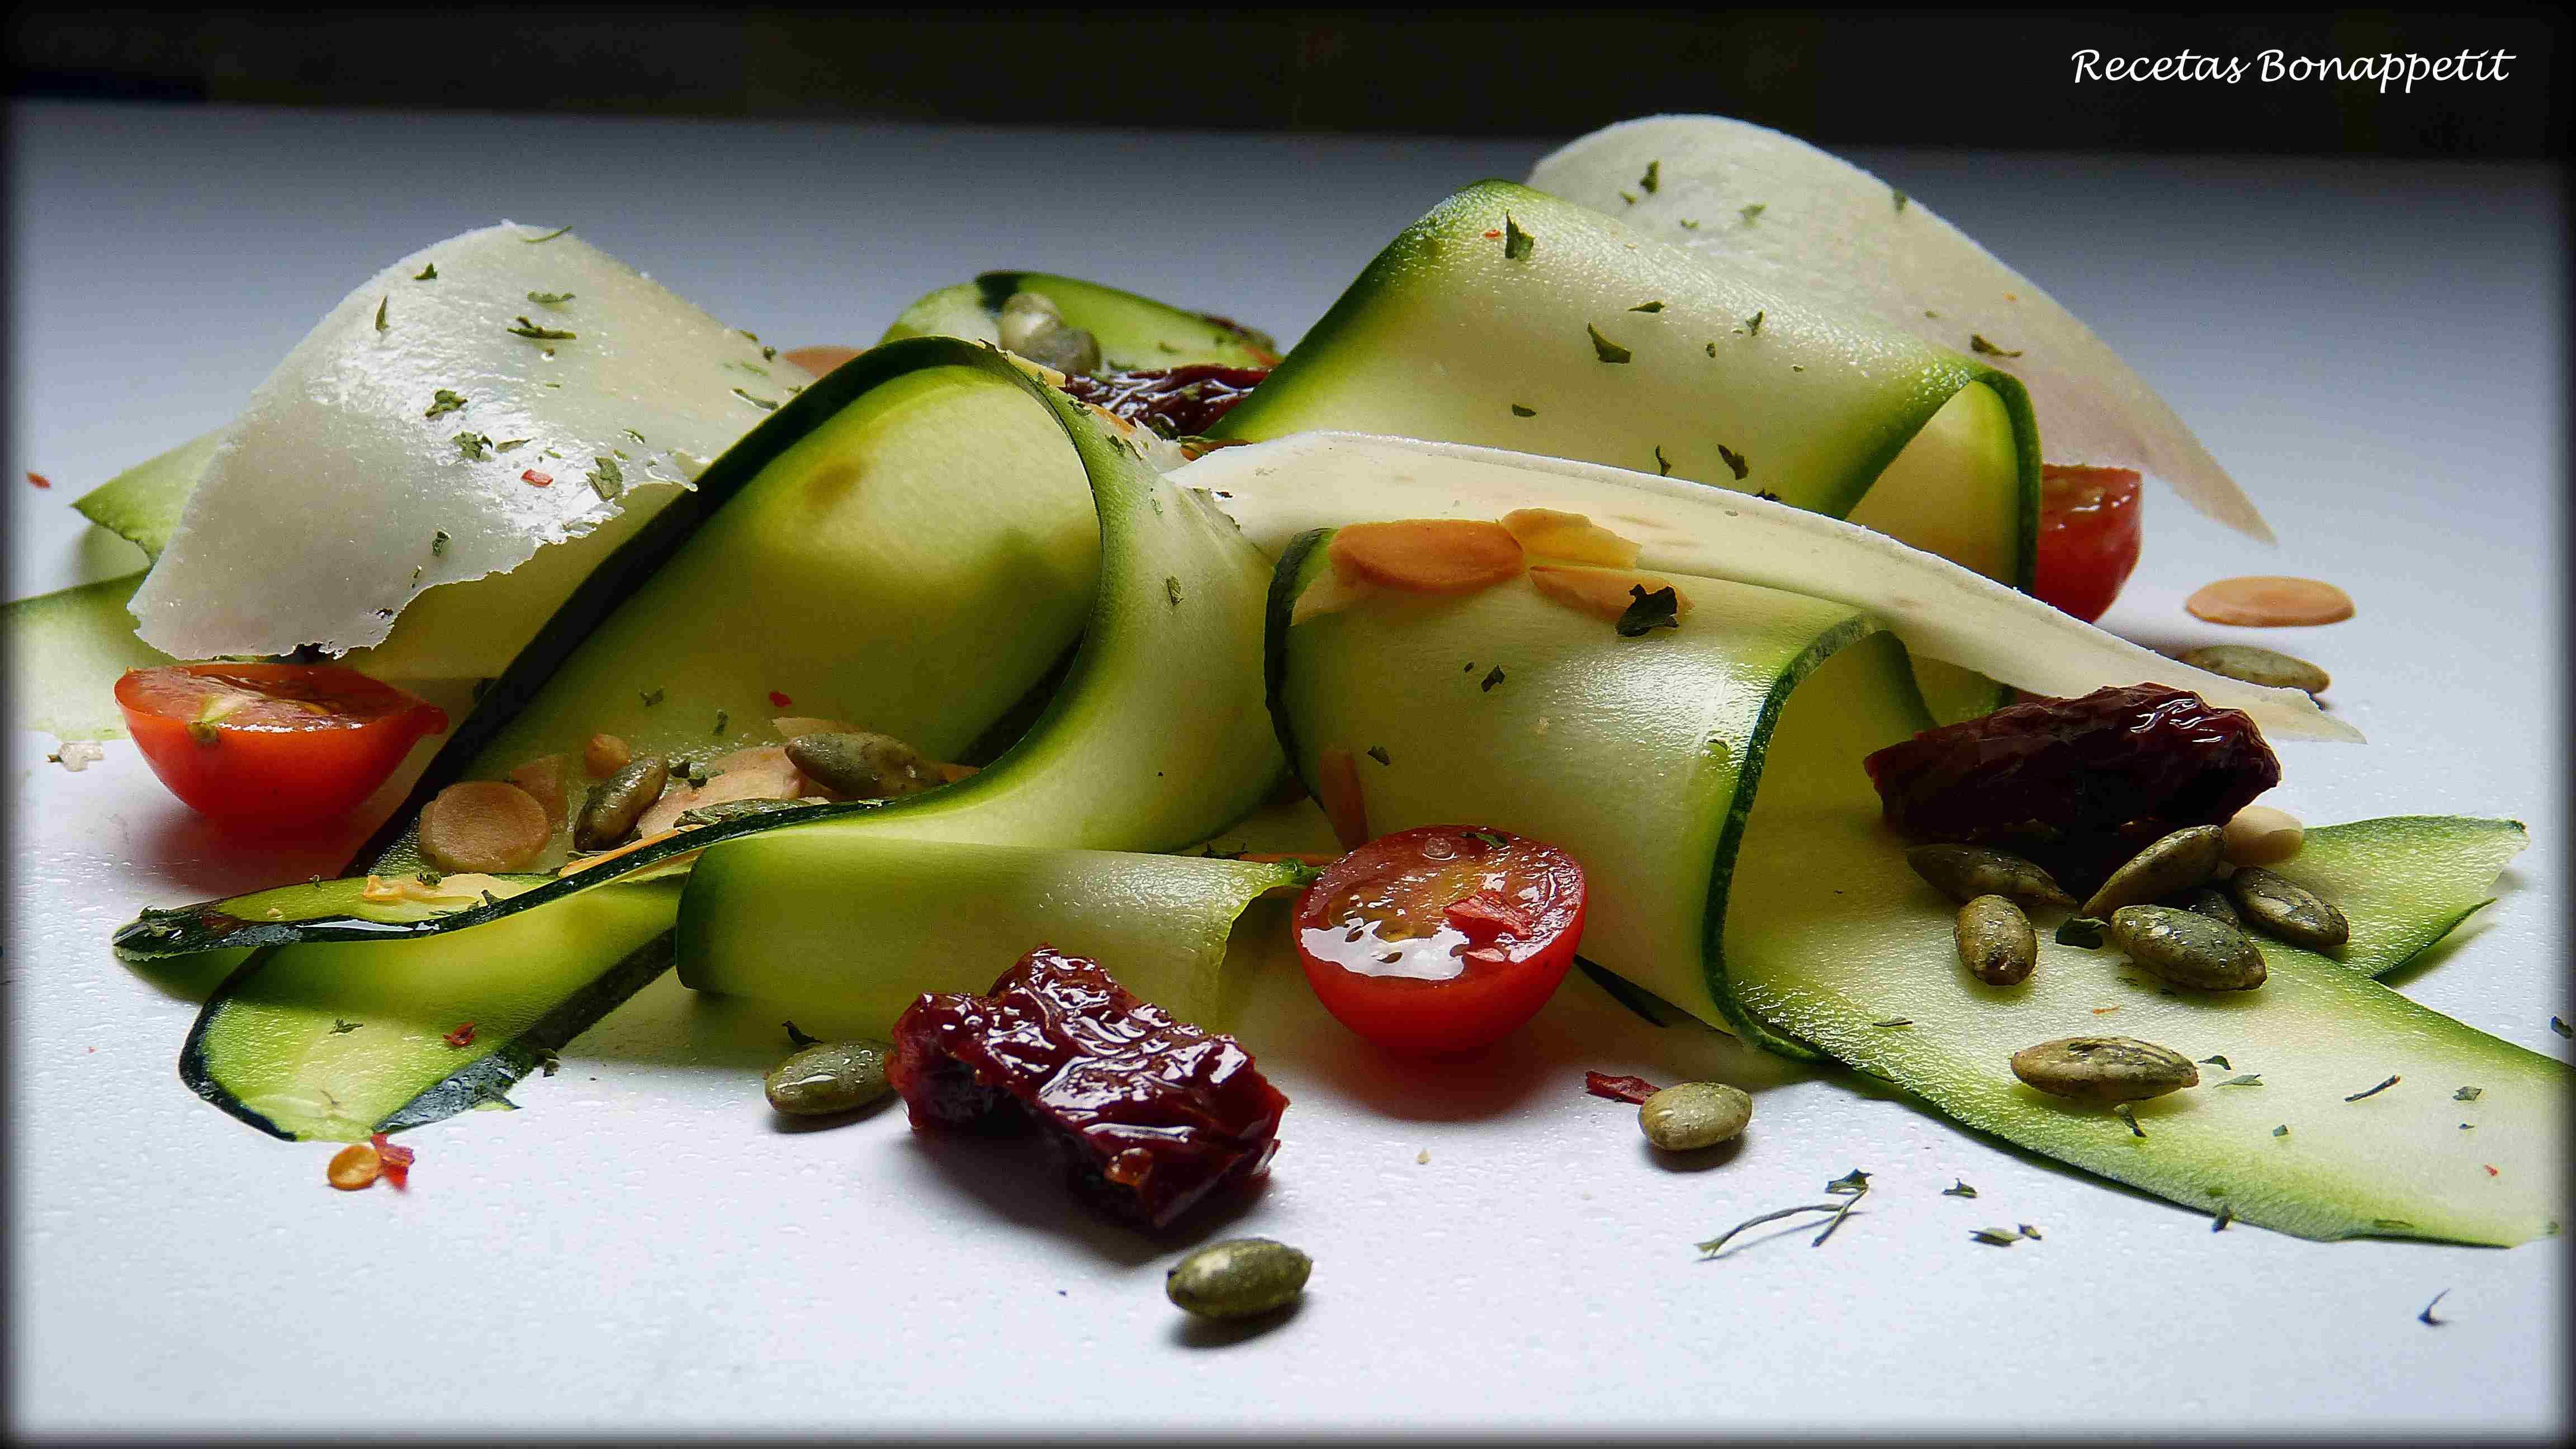 Ensalada de calabacín, queso Parmesano y frutros secos.